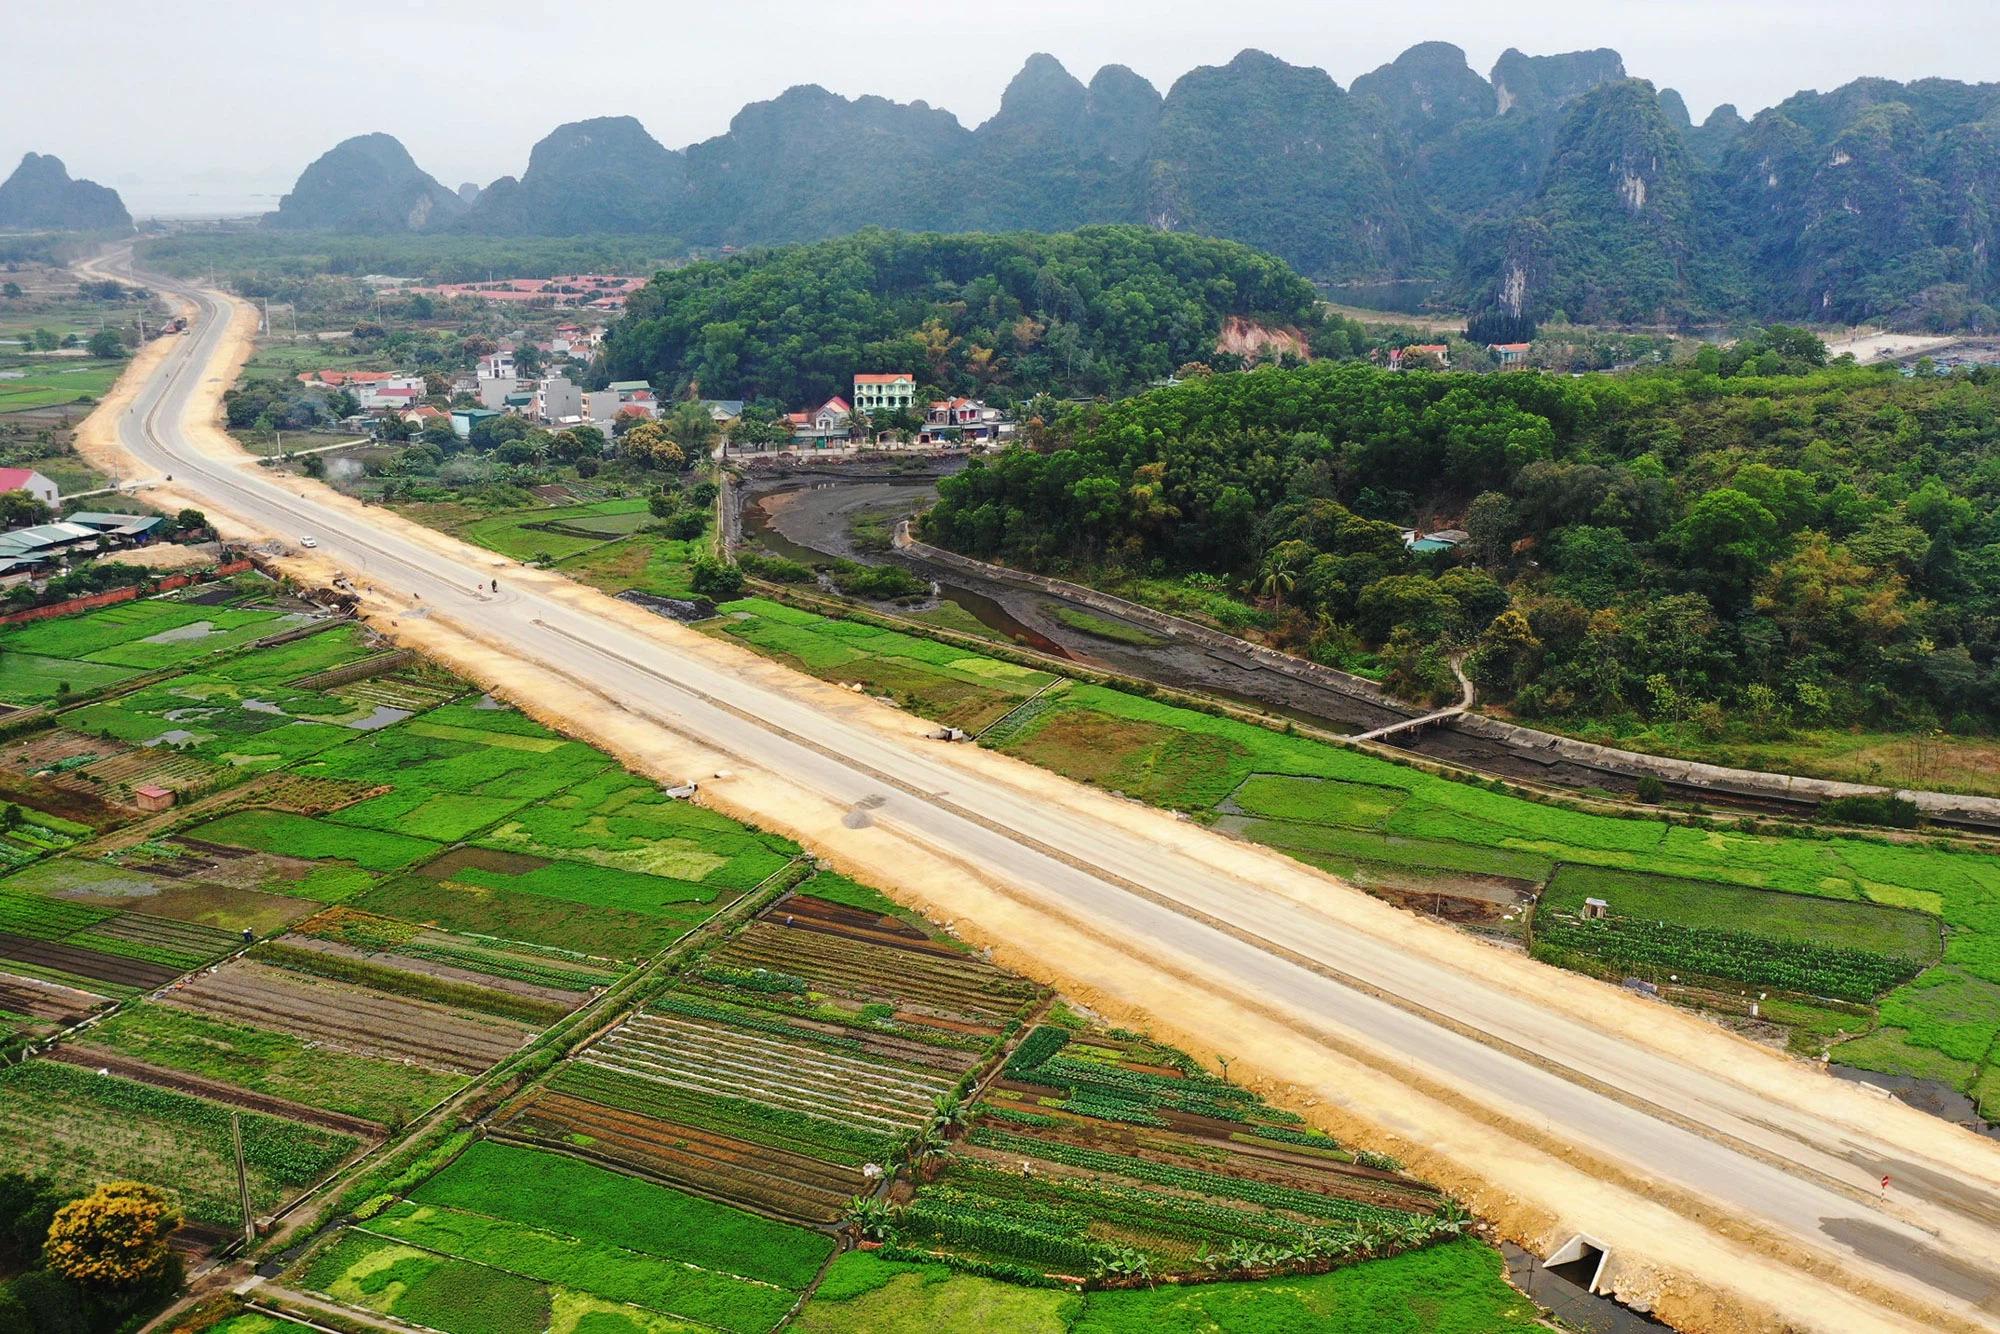 Ngăn ngừa tình trạng mua bán và nâng giá đất trên địa bàn huyện Vân Đồn, Quảng Ninh - Ảnh 1.